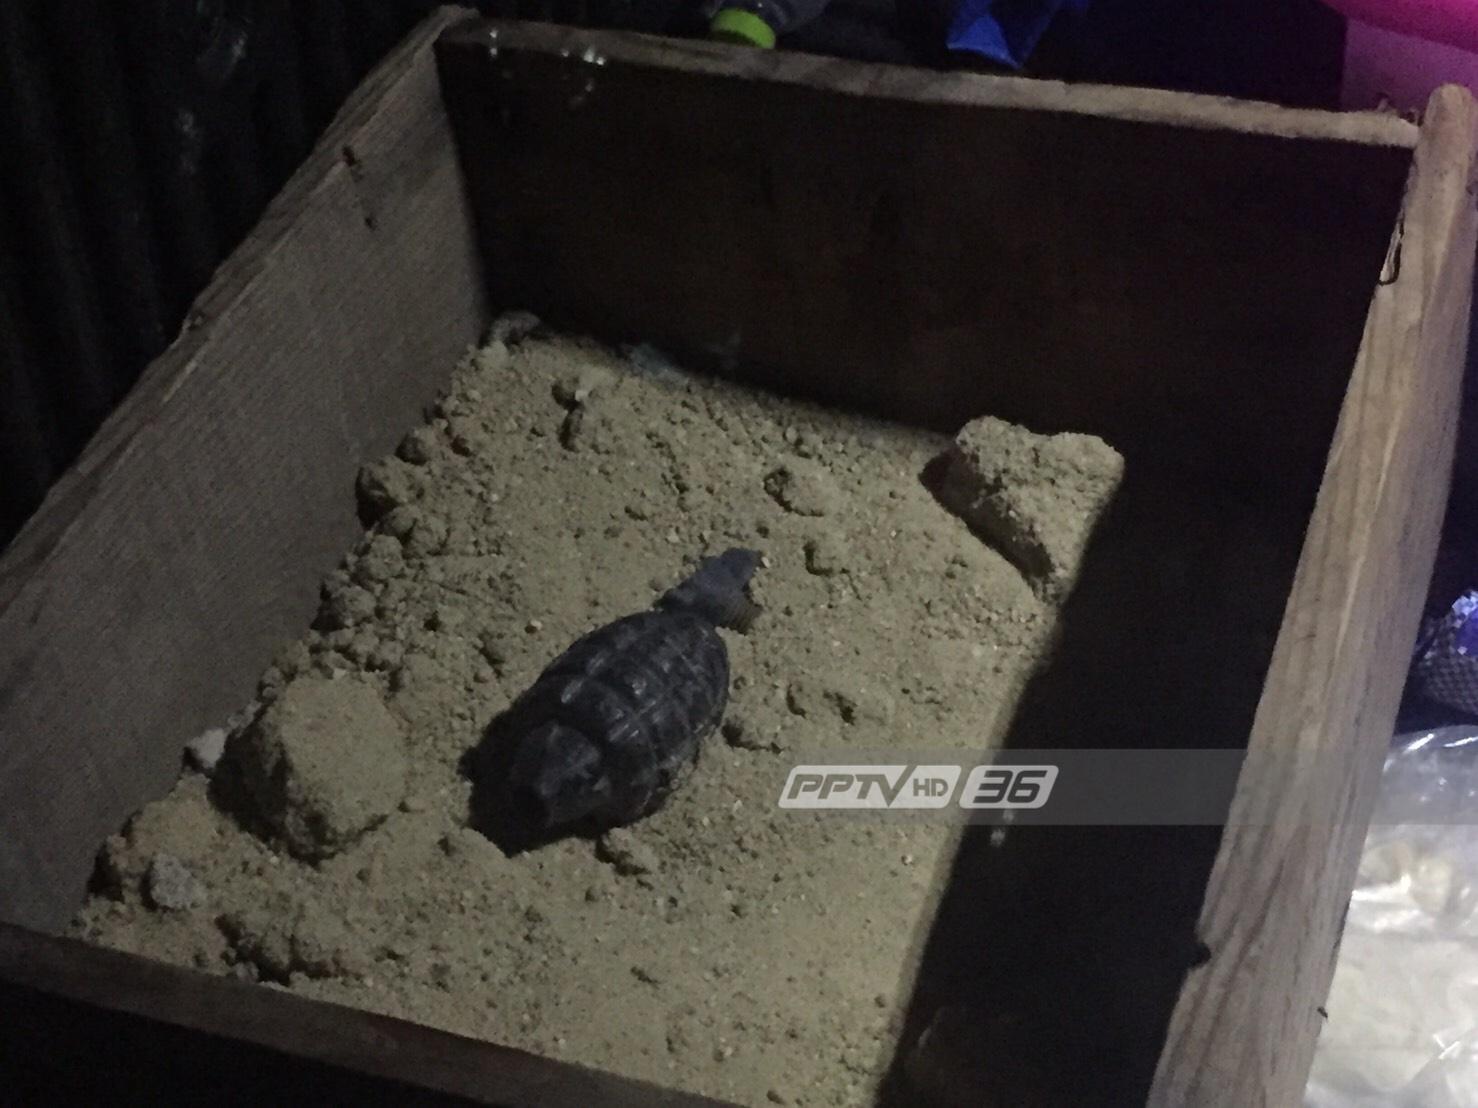 อีโอดีรุดตรวจสอบ พบระเบิดชนิดขว้าง ซอยสุขสวัสดิ์ 28